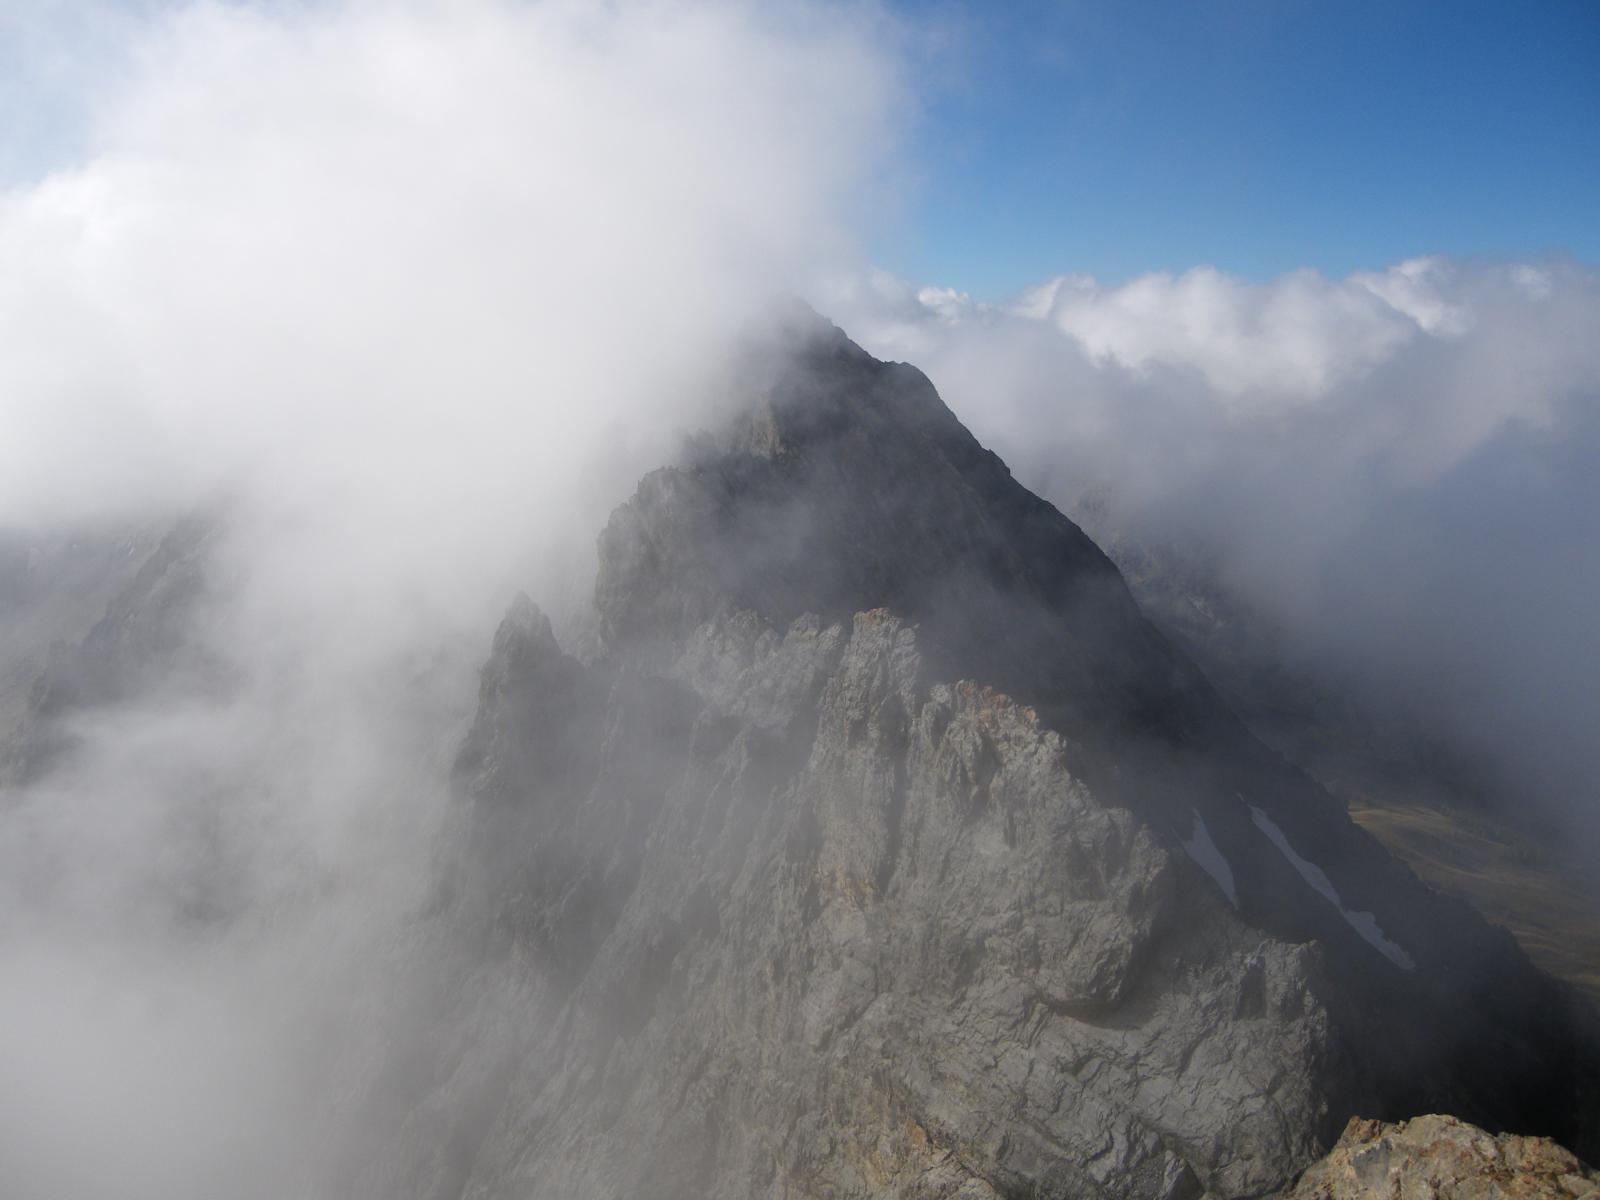 Tratto di cresta tra la nebbia...